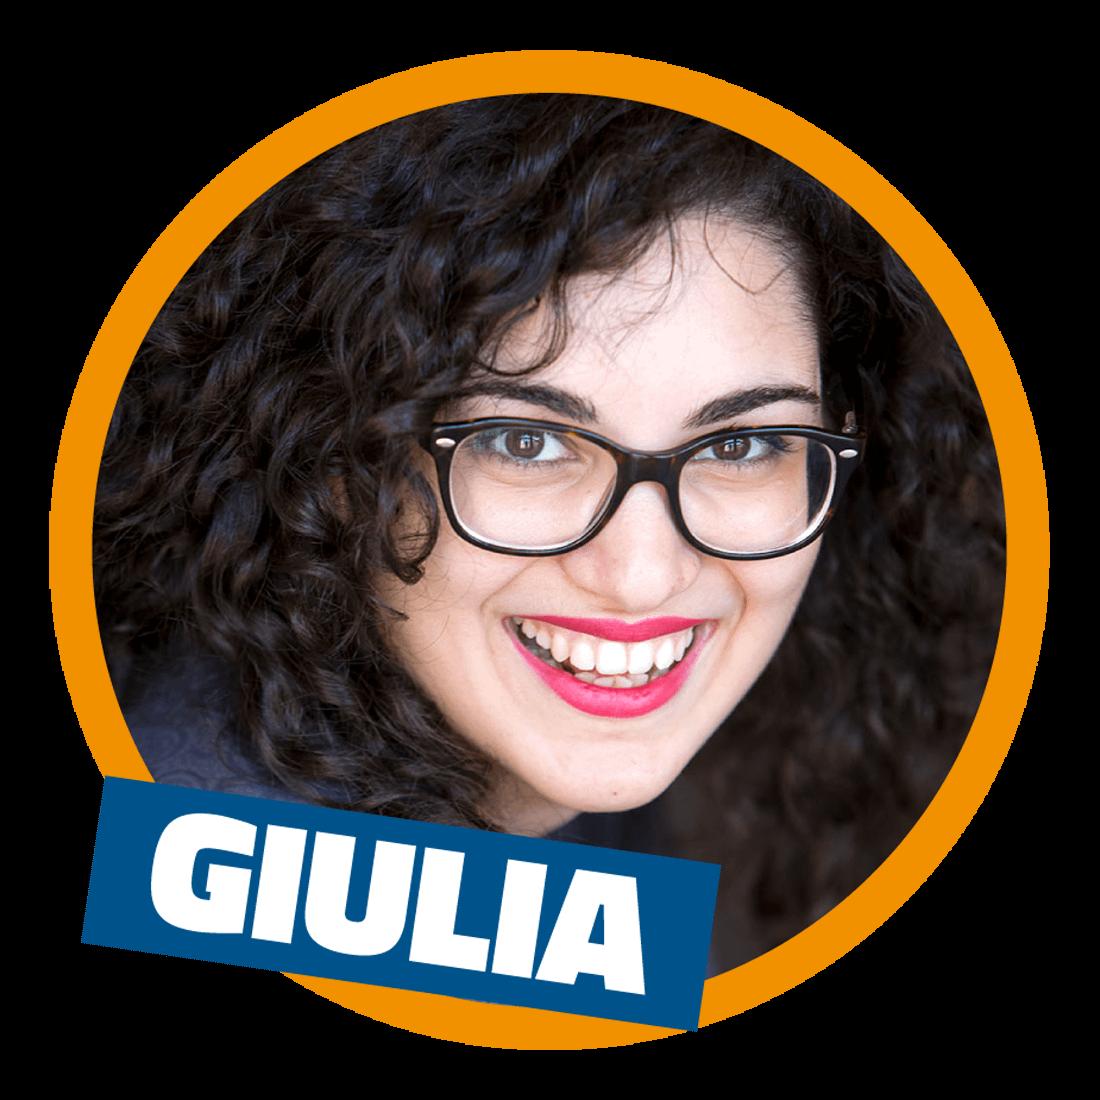 Icona ANG Giulia